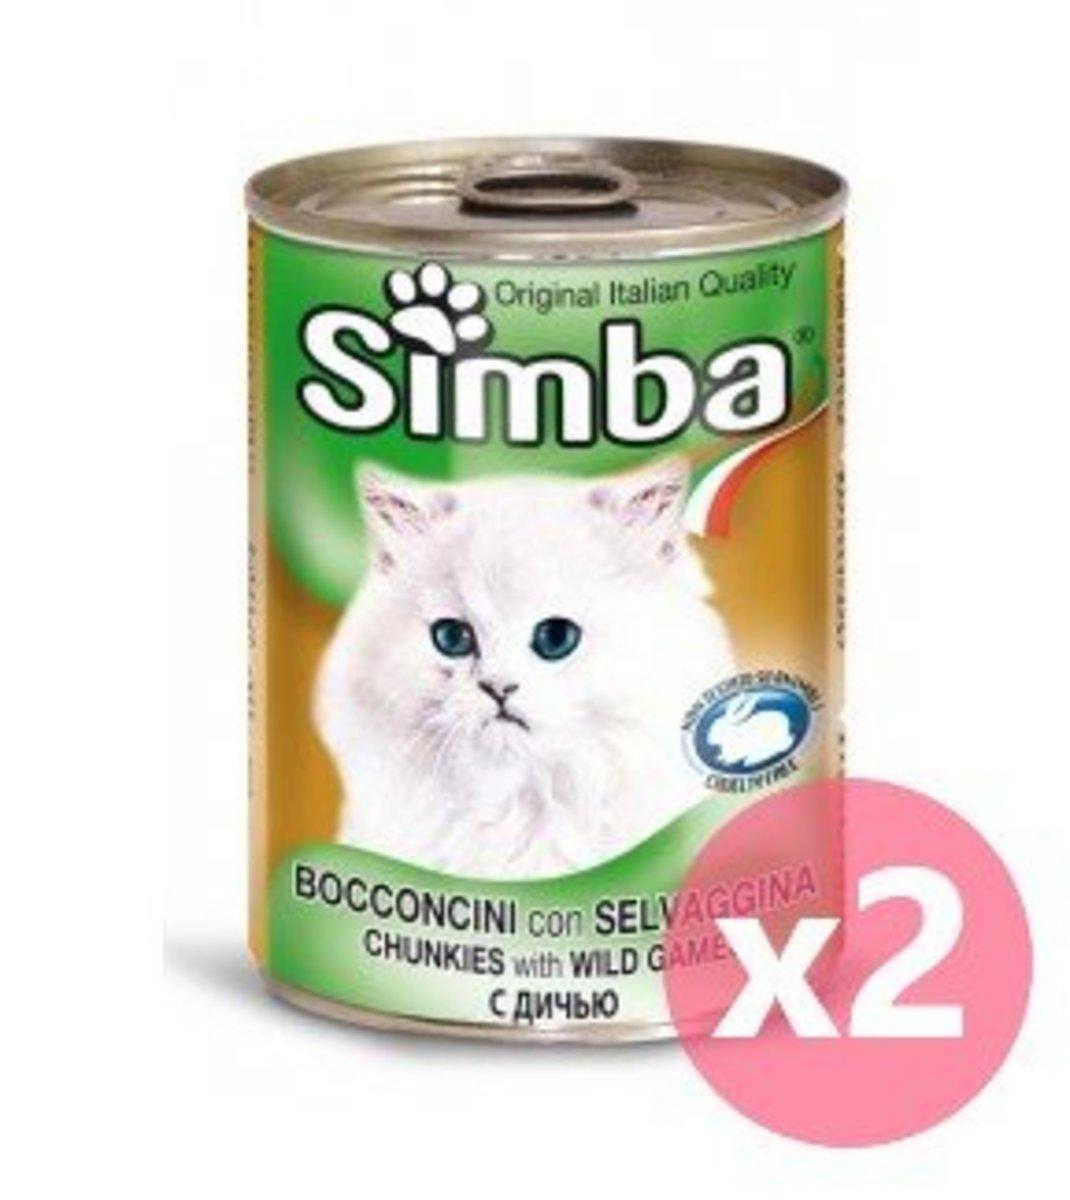 Simba 野味肉塊貓罐頭 415g x2罐